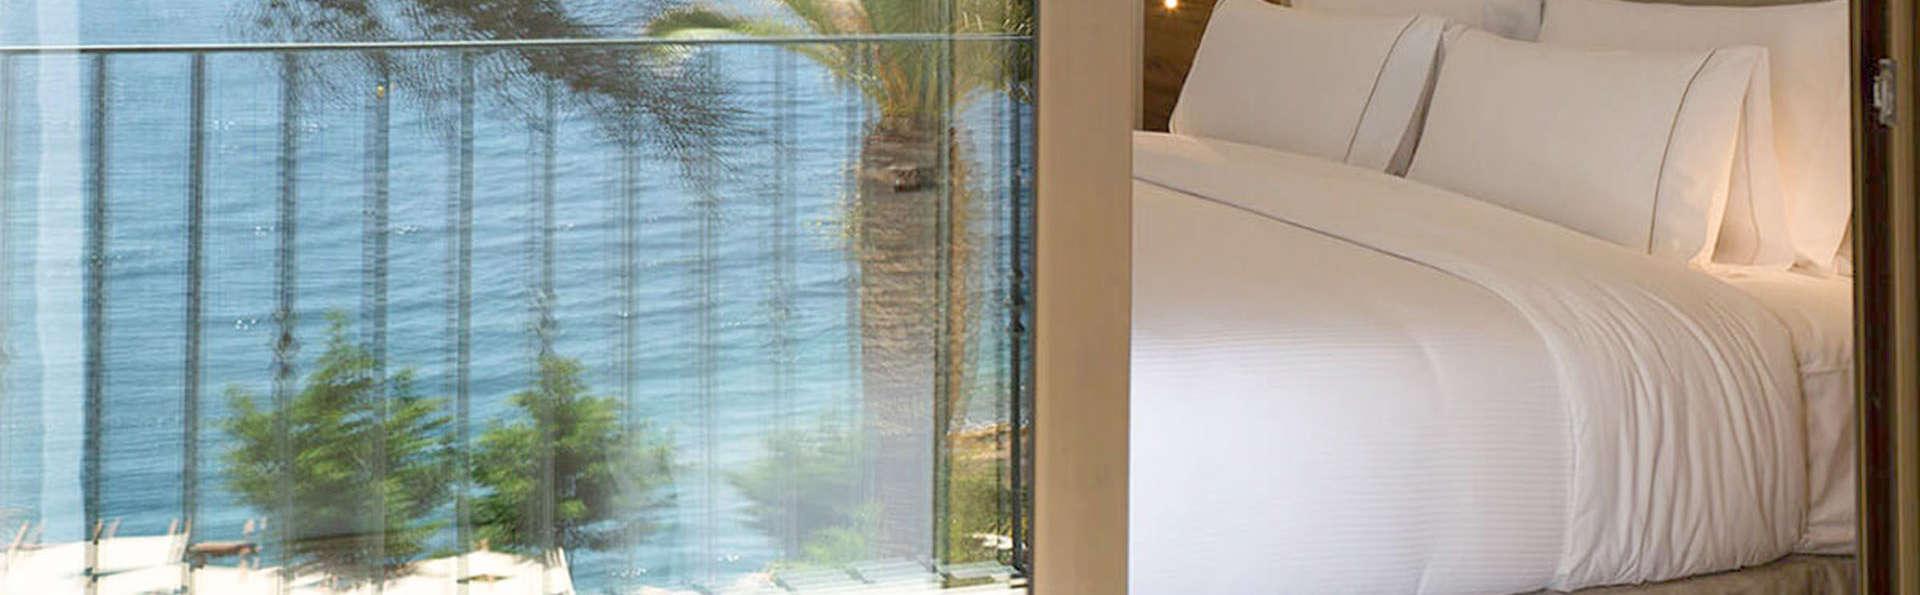 Escapade parfaite: chambre supérieure avec vue sur la mer et demi-pension